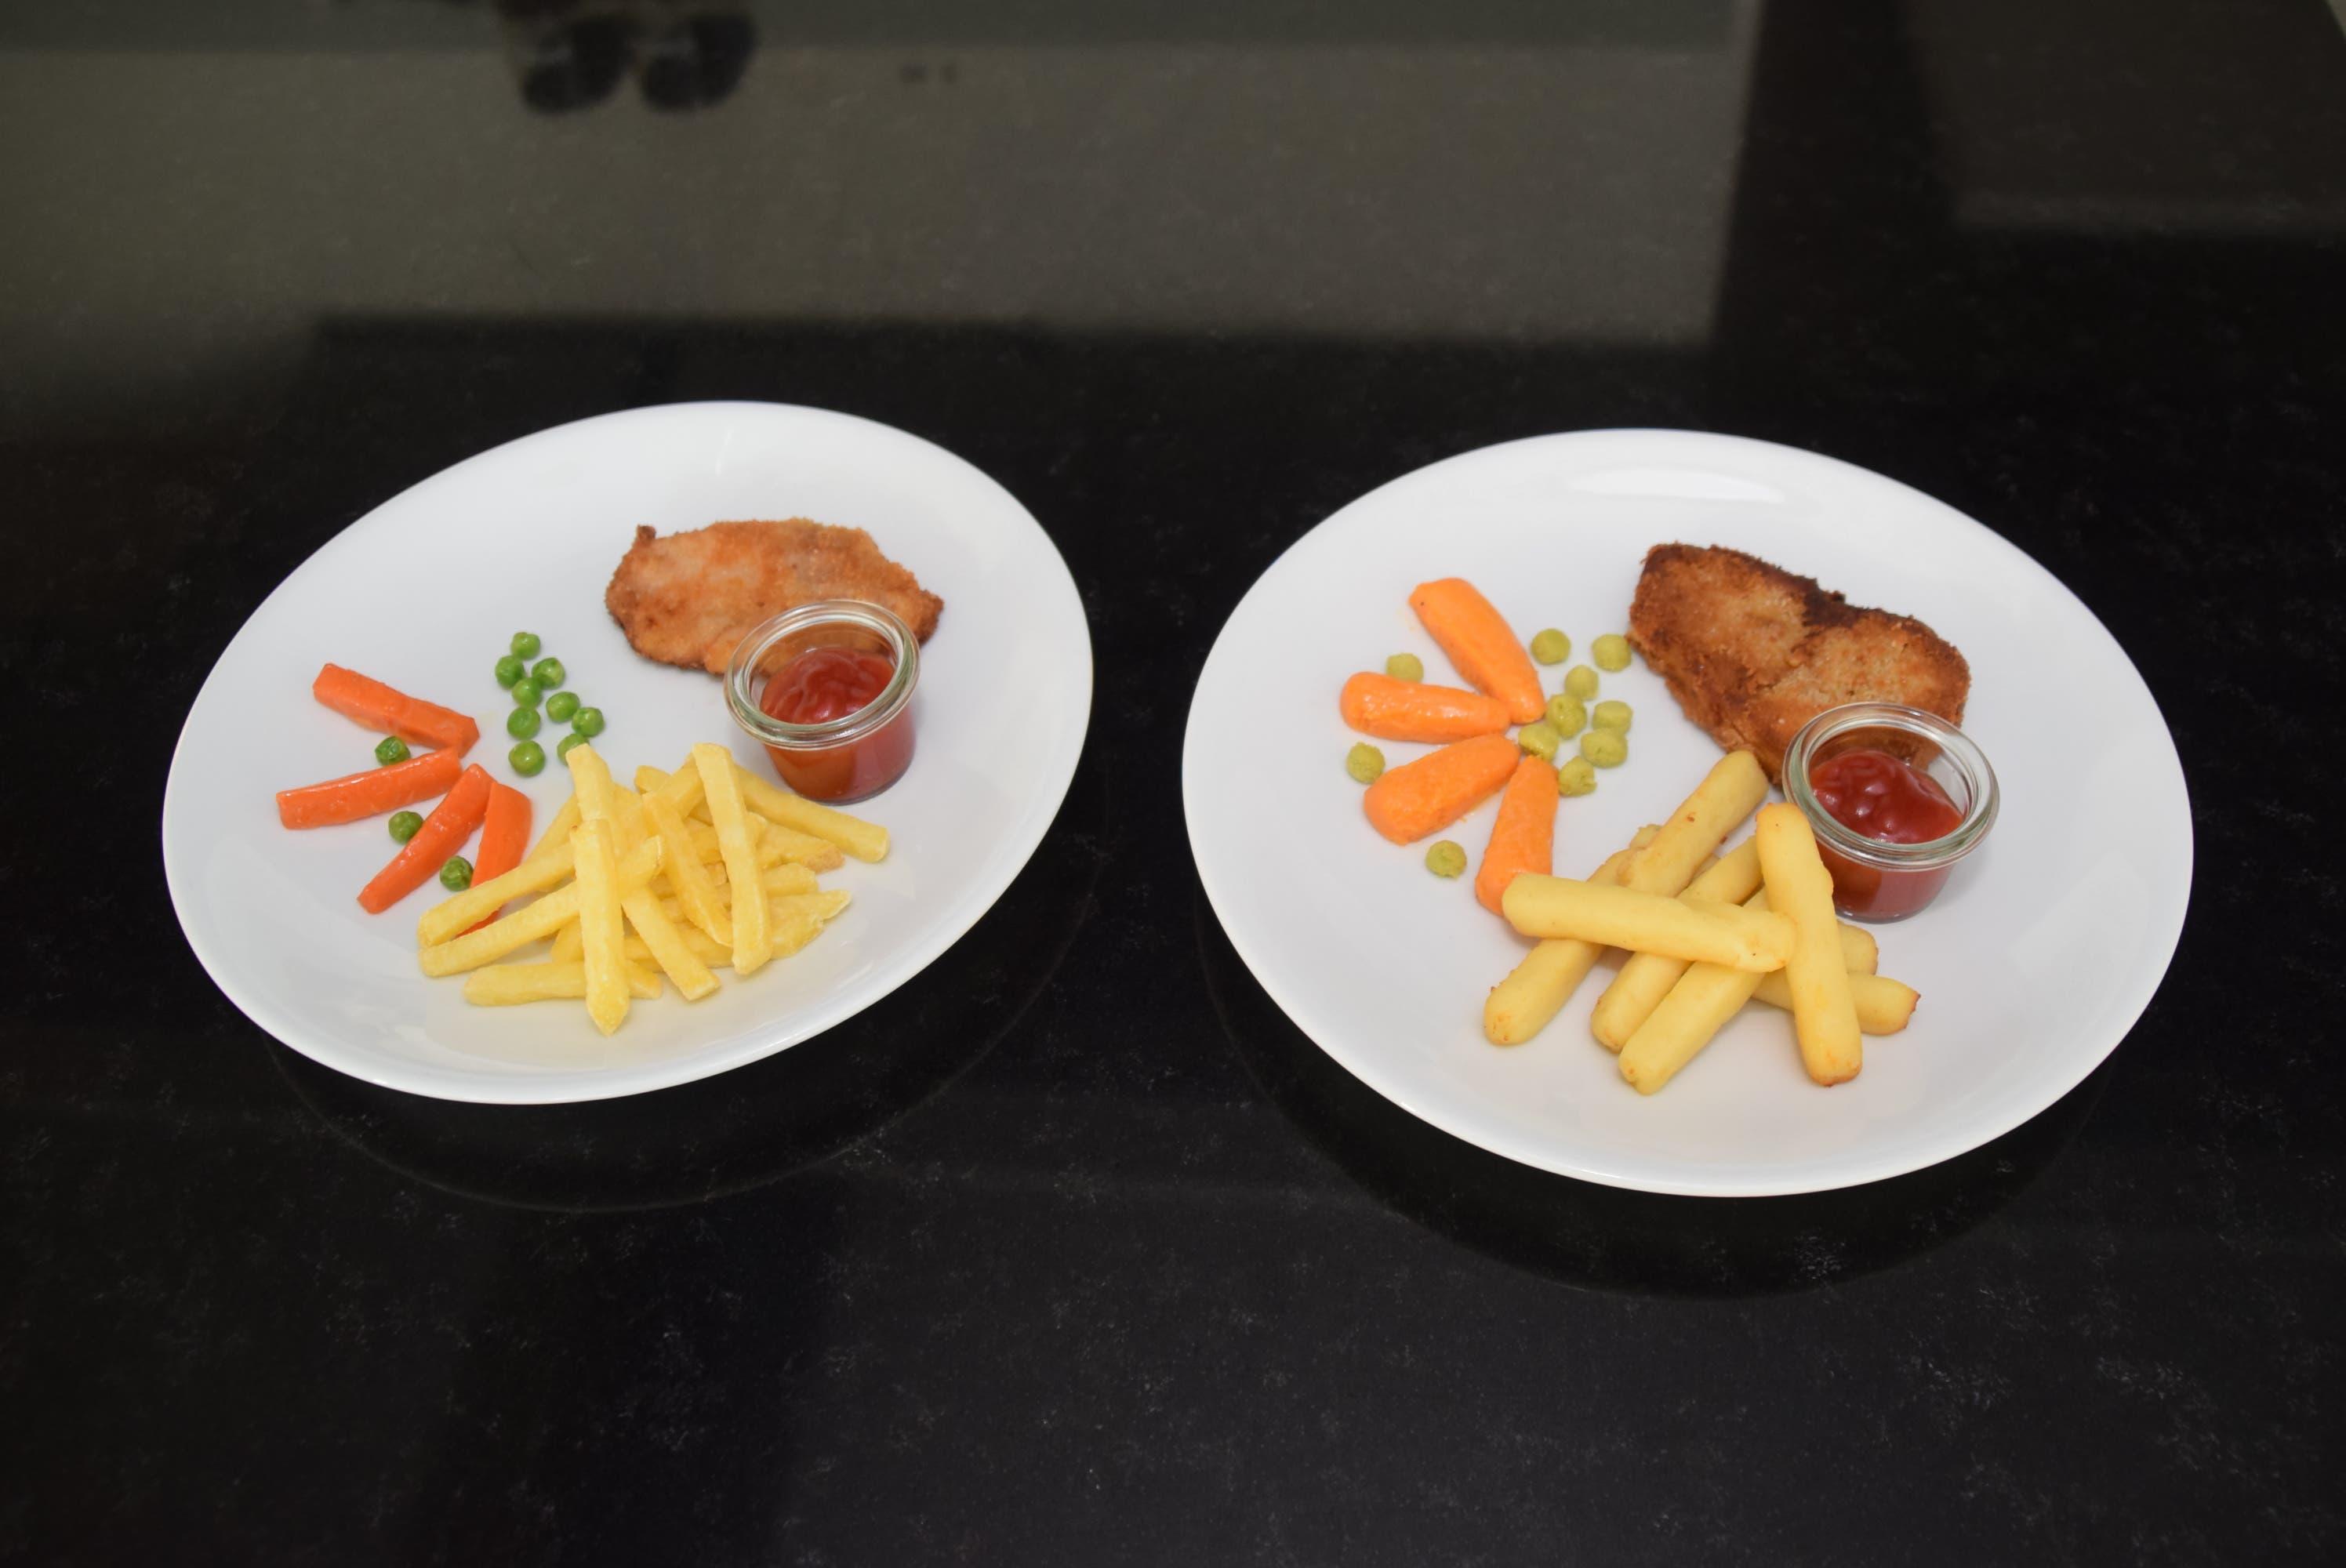 Schnitzel mit Pommes frites normal (links) und püriert (rechts). Bei der pürierten Version ist nicht nur das Schnitzel püriert, sondern auch Rüebli, Erbsli und Pommes frites.